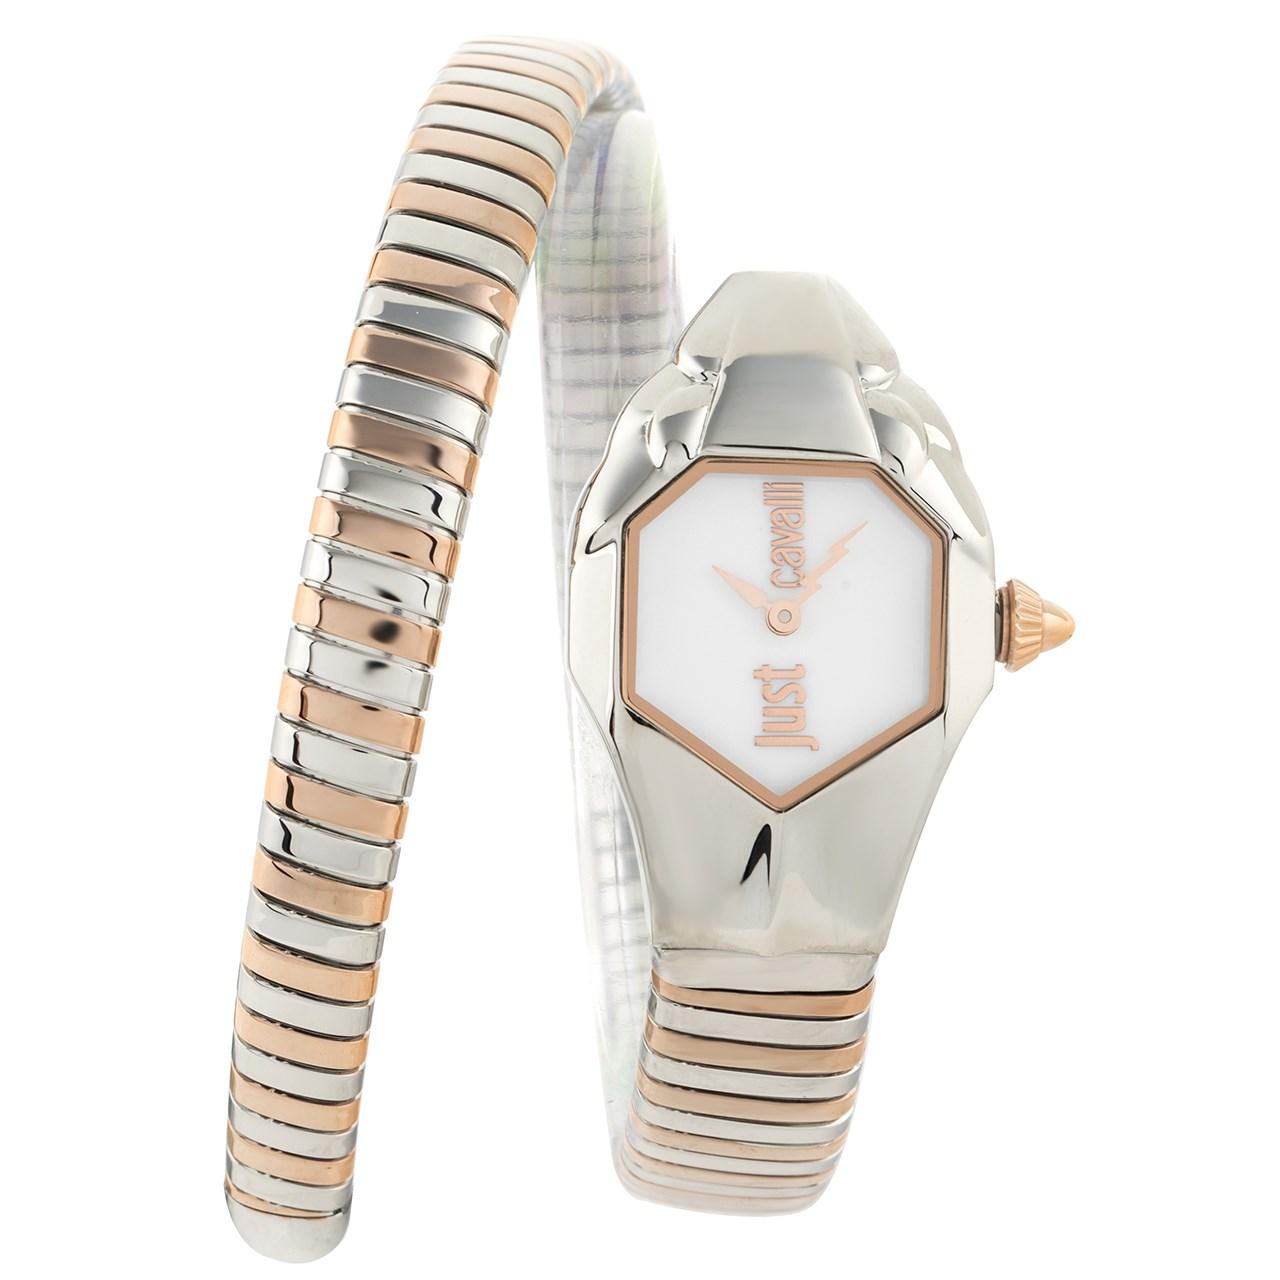 ساعت مچی عقربه ای زنانه جاست کاوالی مدل JC1L001M0045 43